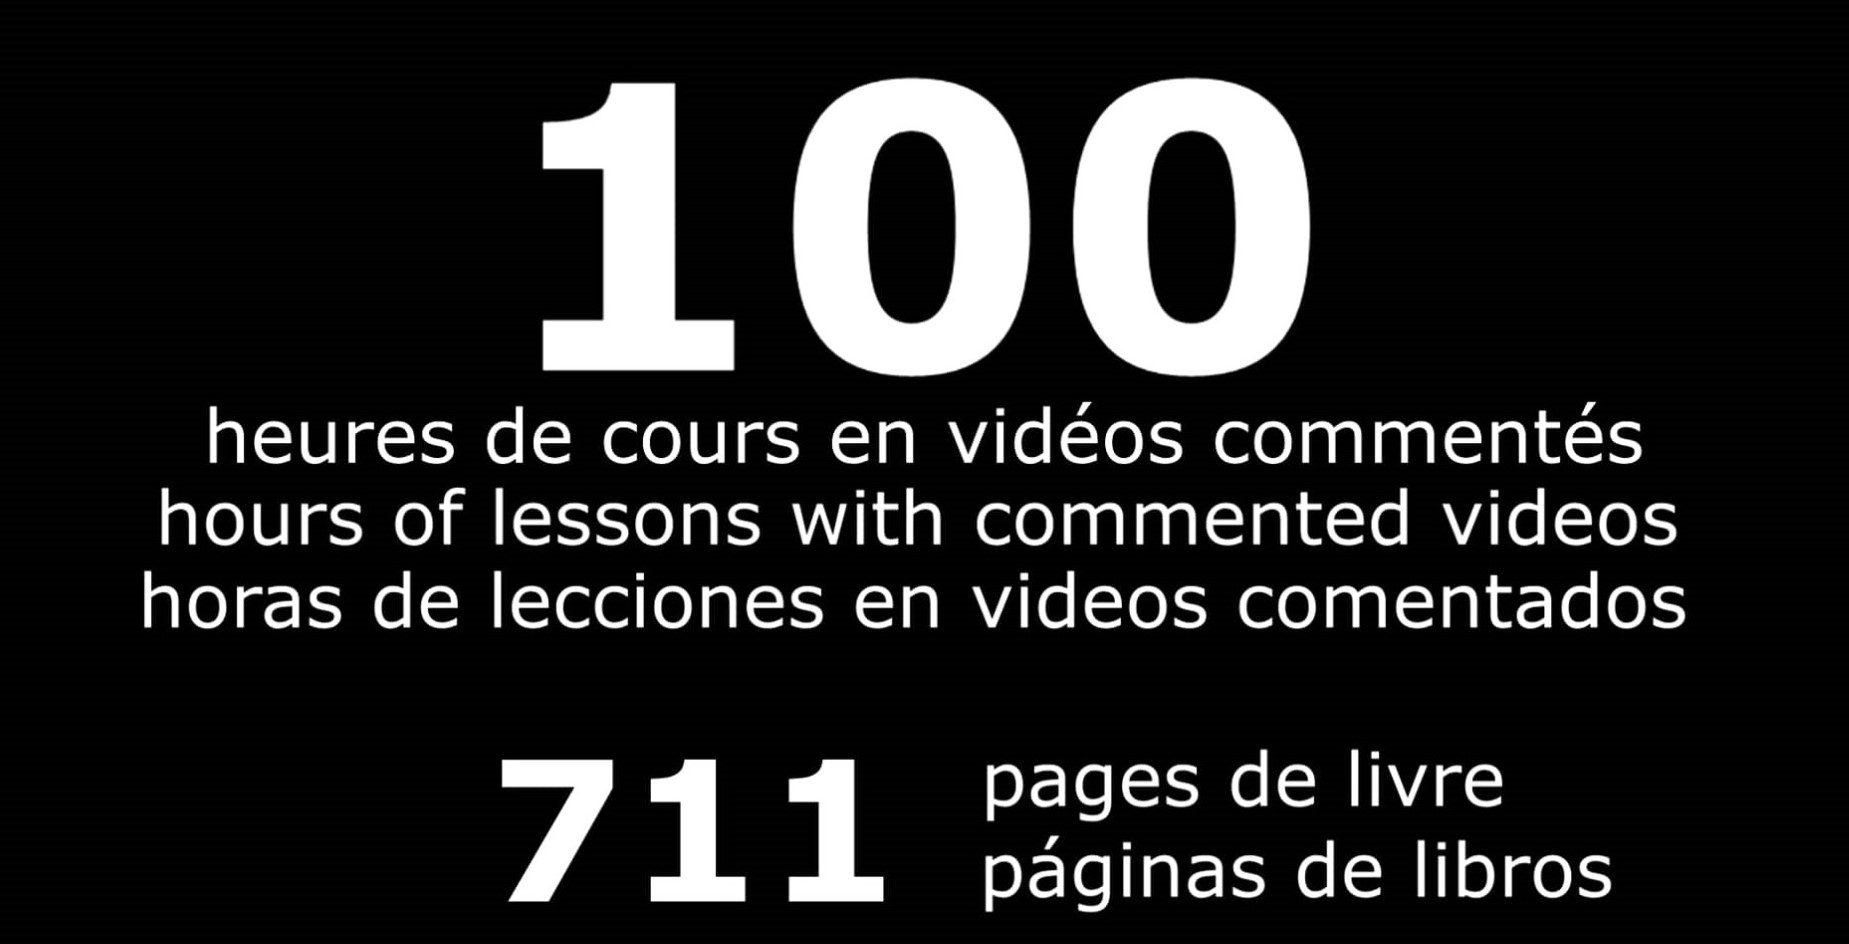 Evénement le 9 mars 2020 pour fêter les 100 heures de cours commentés en vidéos !